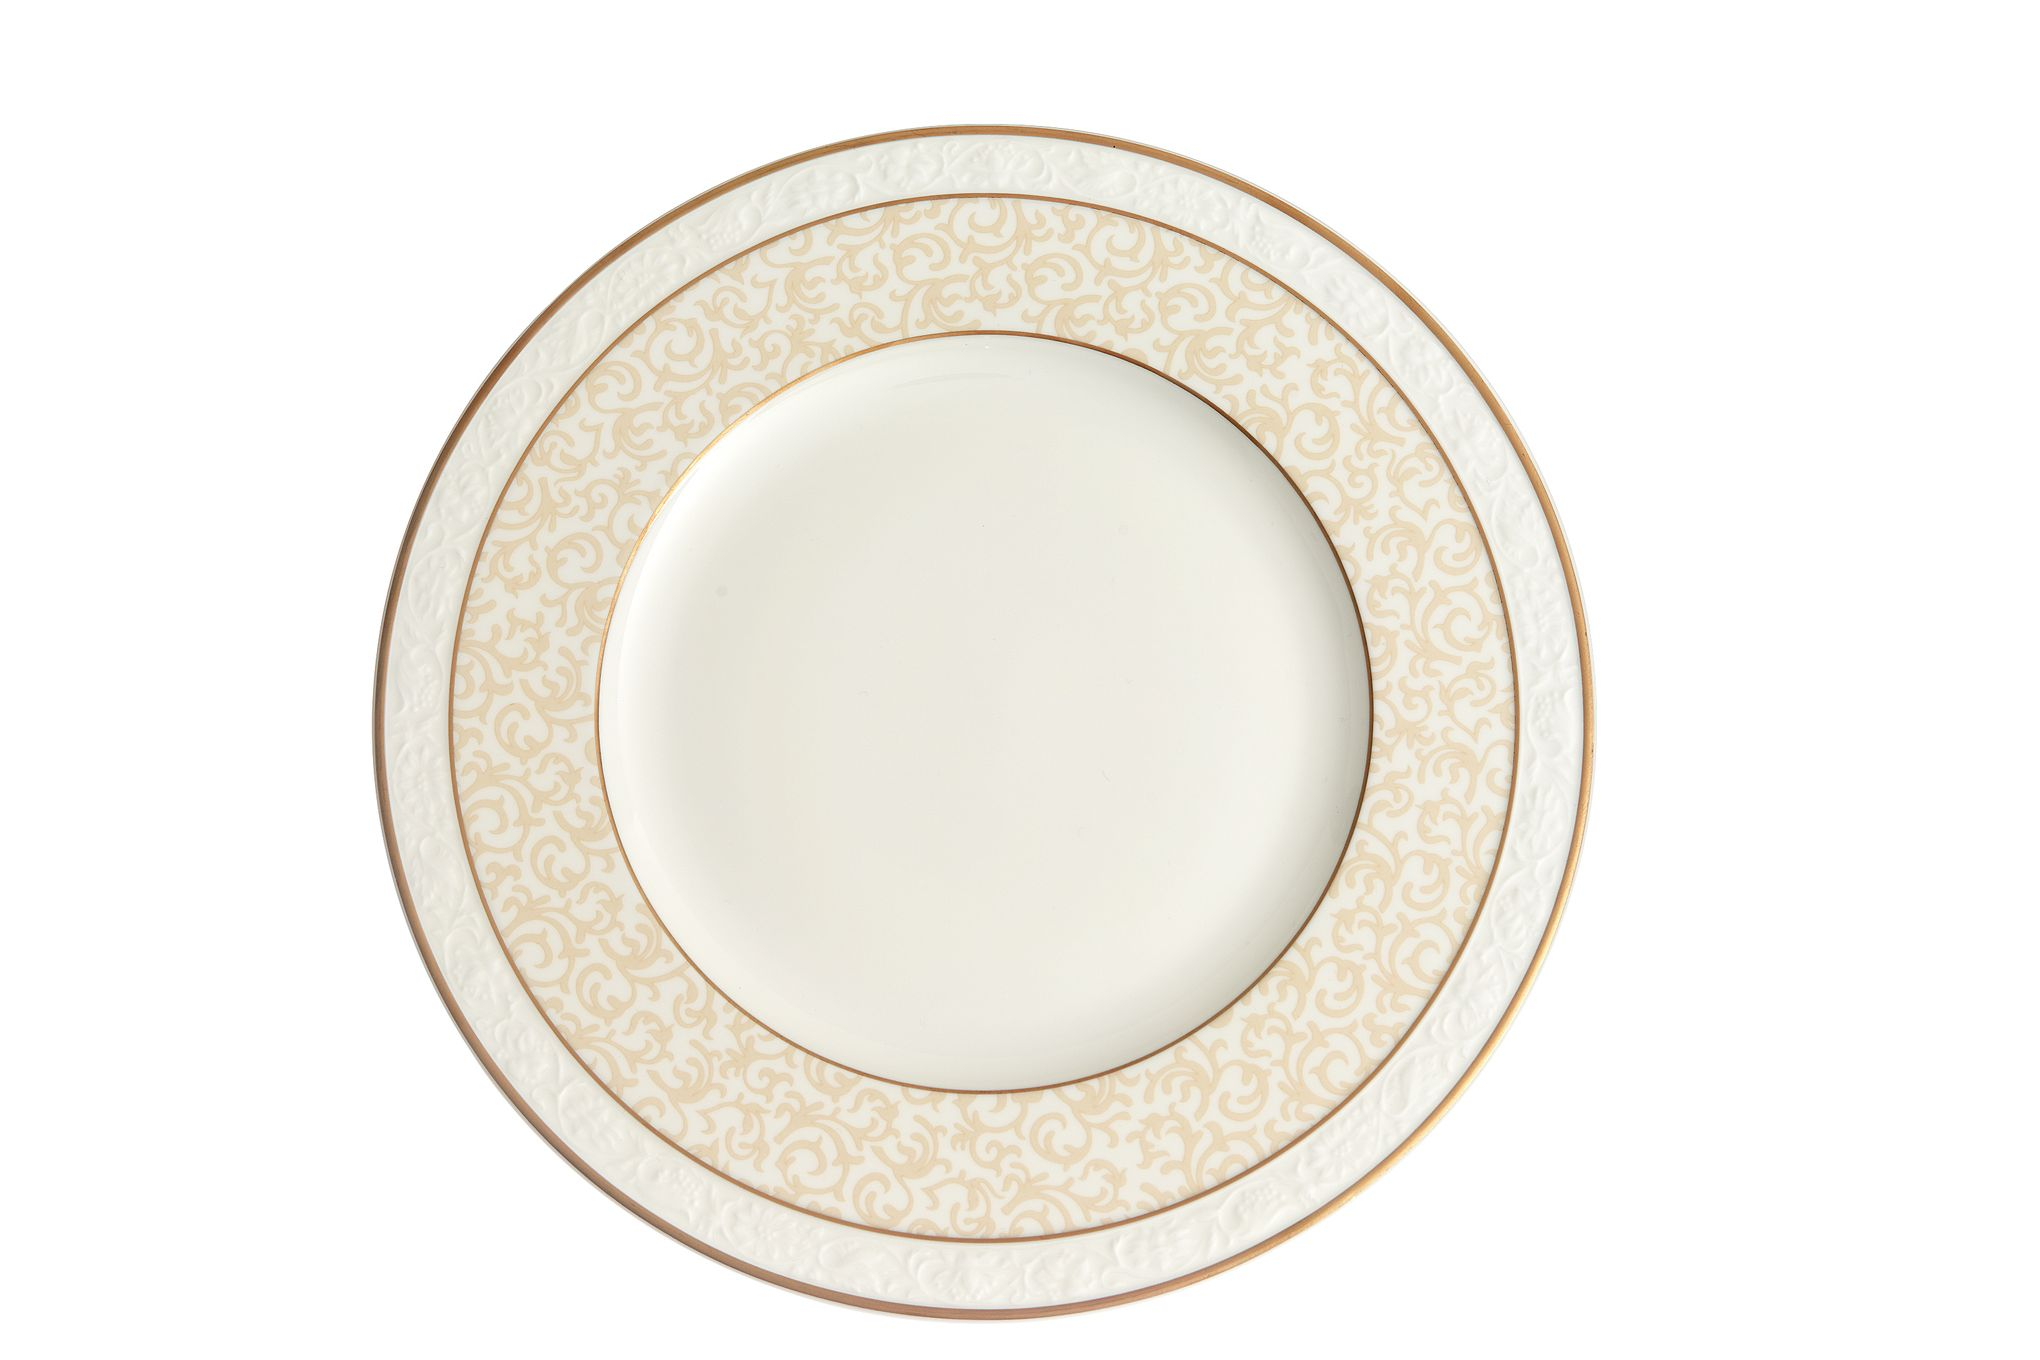 """Villeroy & Boch Ivoire Dinner Plate 11"""" thumb 1"""